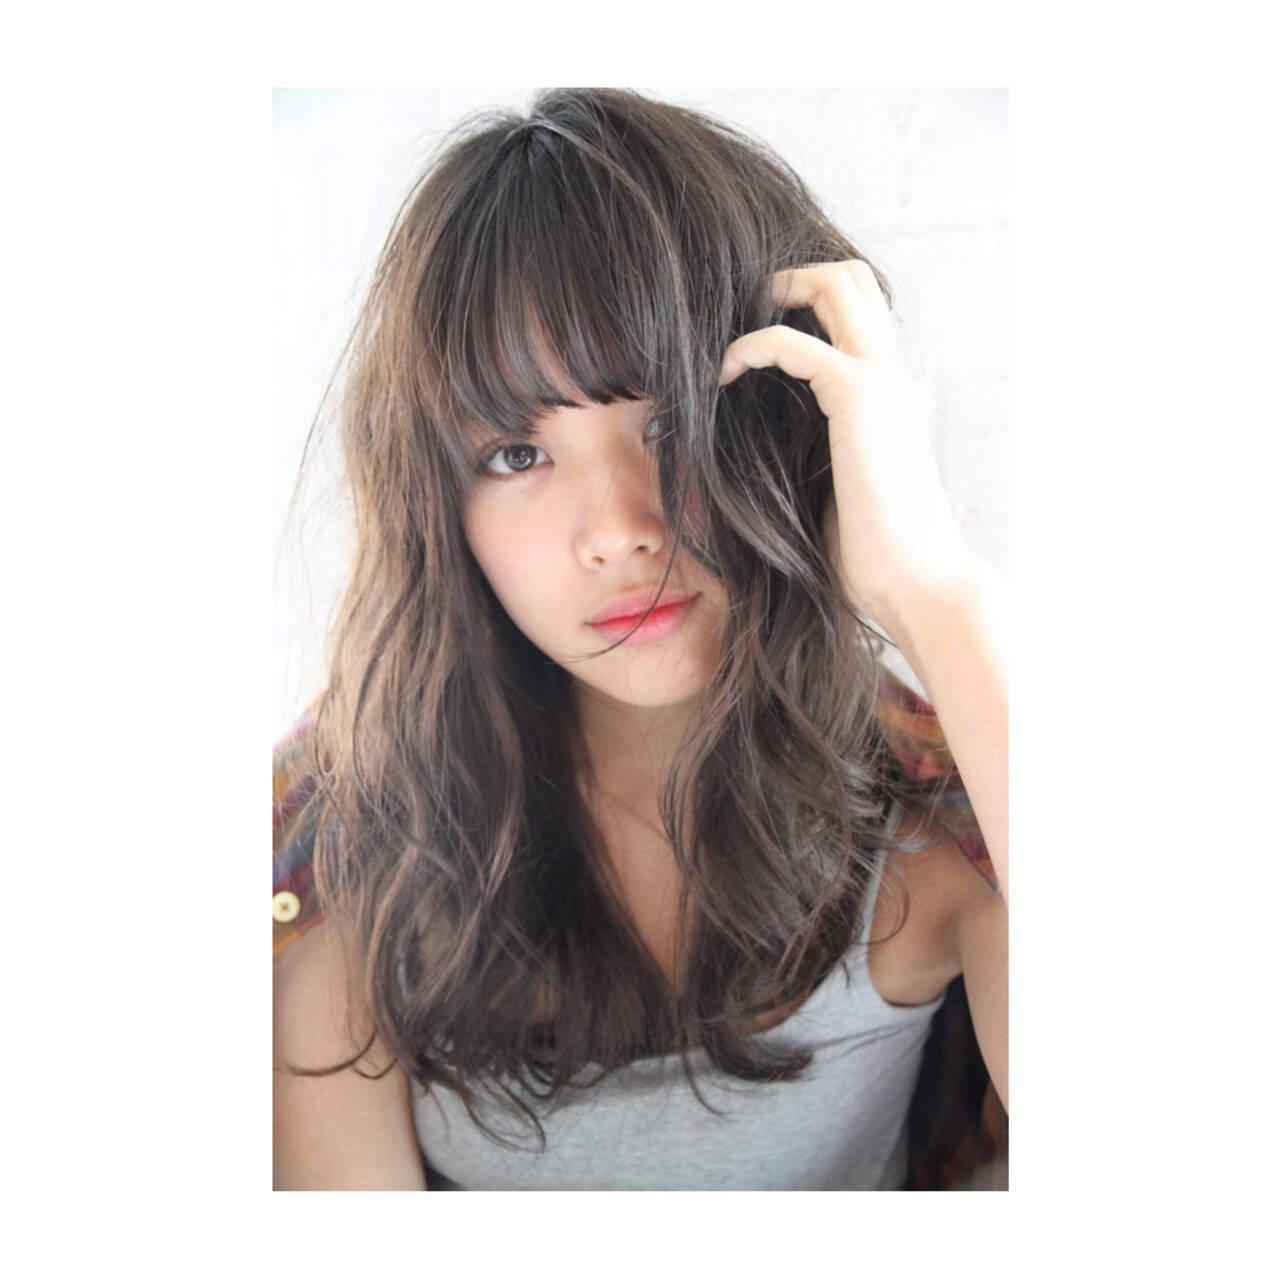 アンニュイほつれヘア デジタルパーマ ゆるふわ アッシュヘアスタイルや髪型の写真・画像